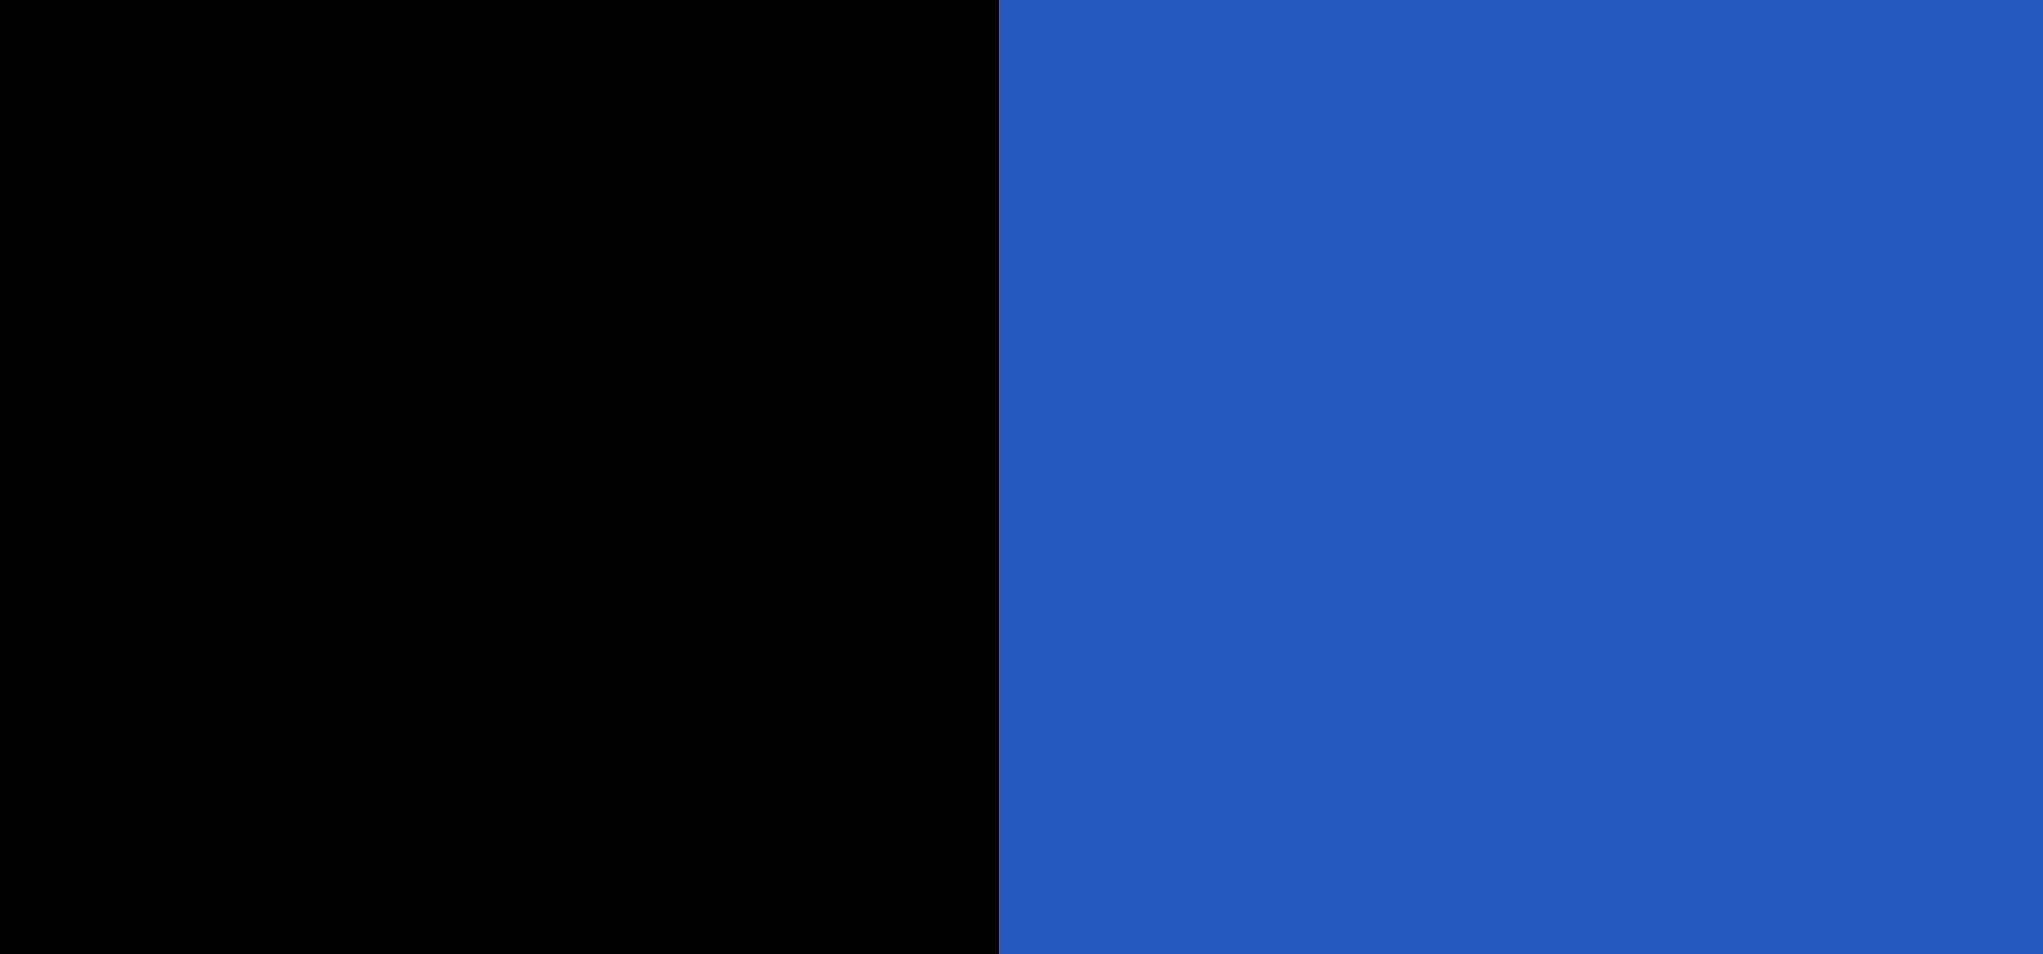 noir / bleu